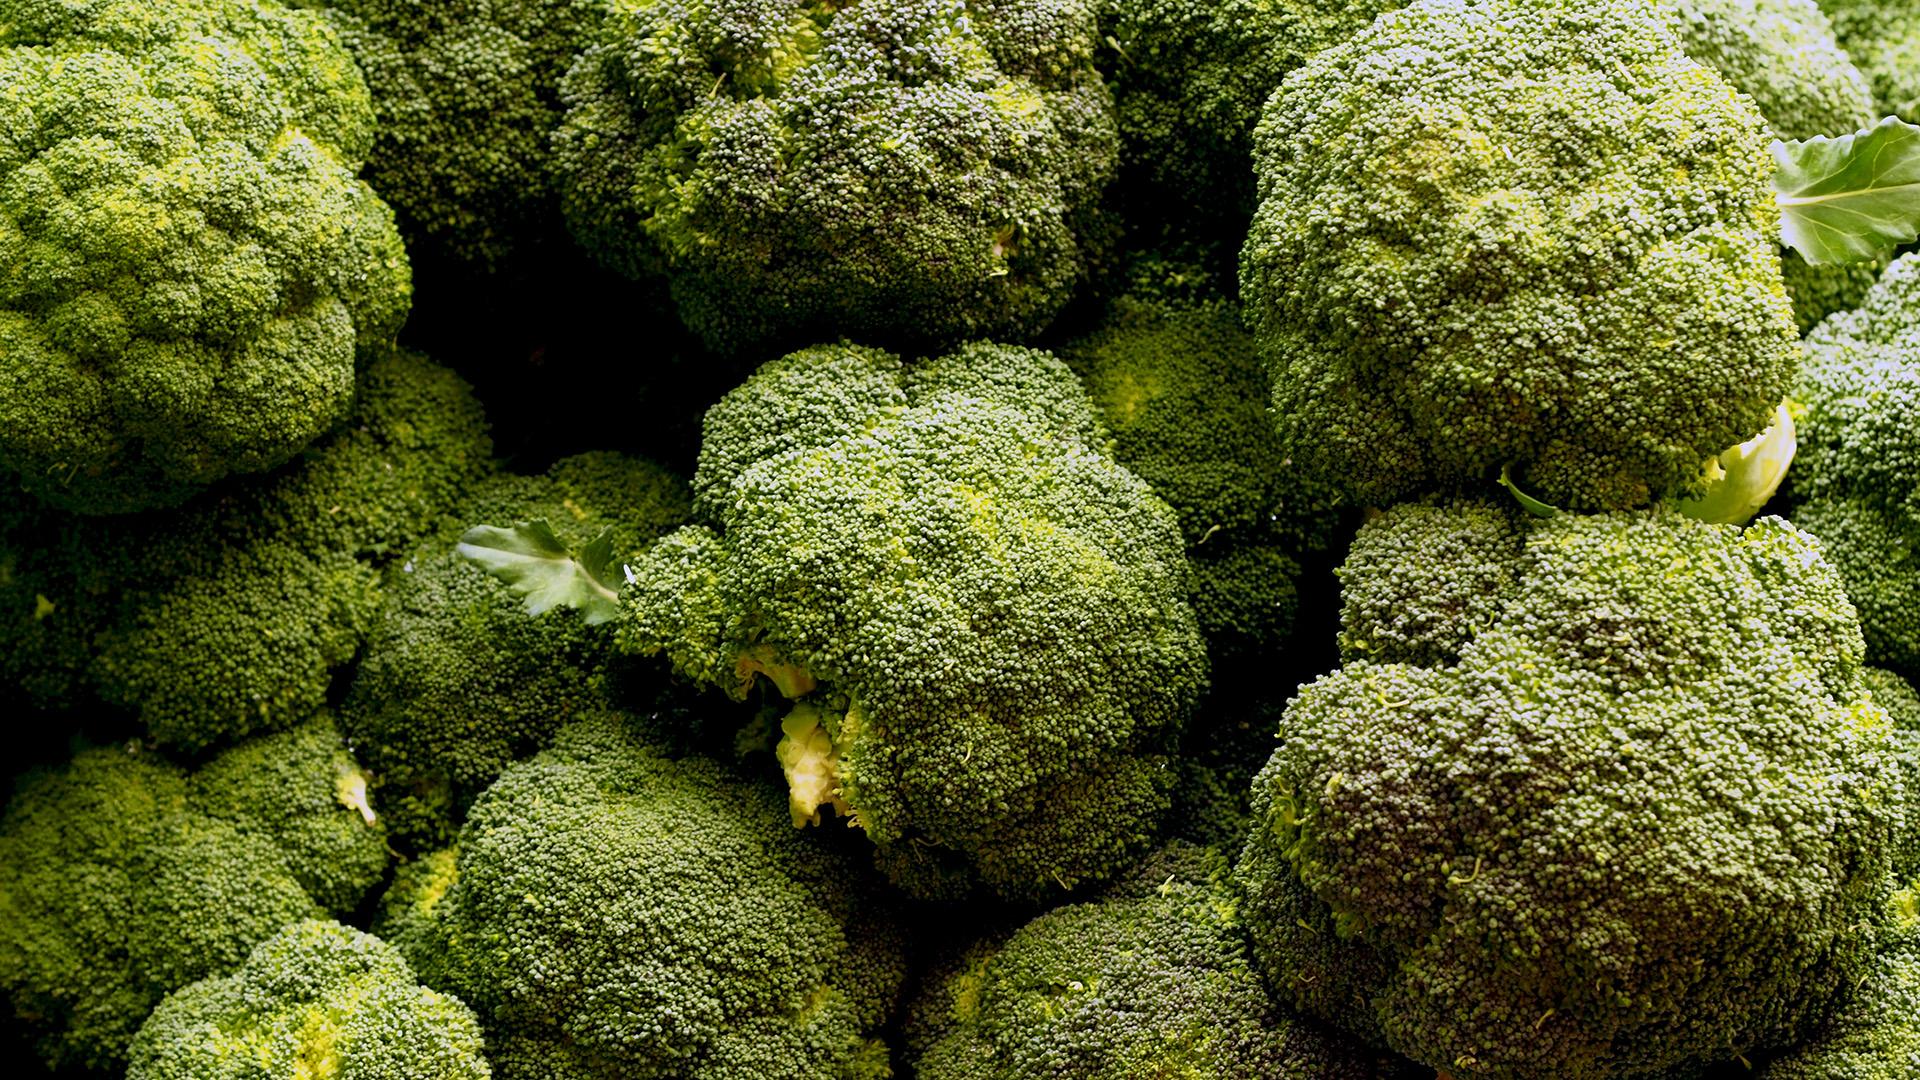 El estudio que buscó potenciar las sustancias benéficas para la salud humana que tiene el brócoli y aumentar su vida útil después de la cosecha fue realizado por investigadores de la Facultad de Agronomía